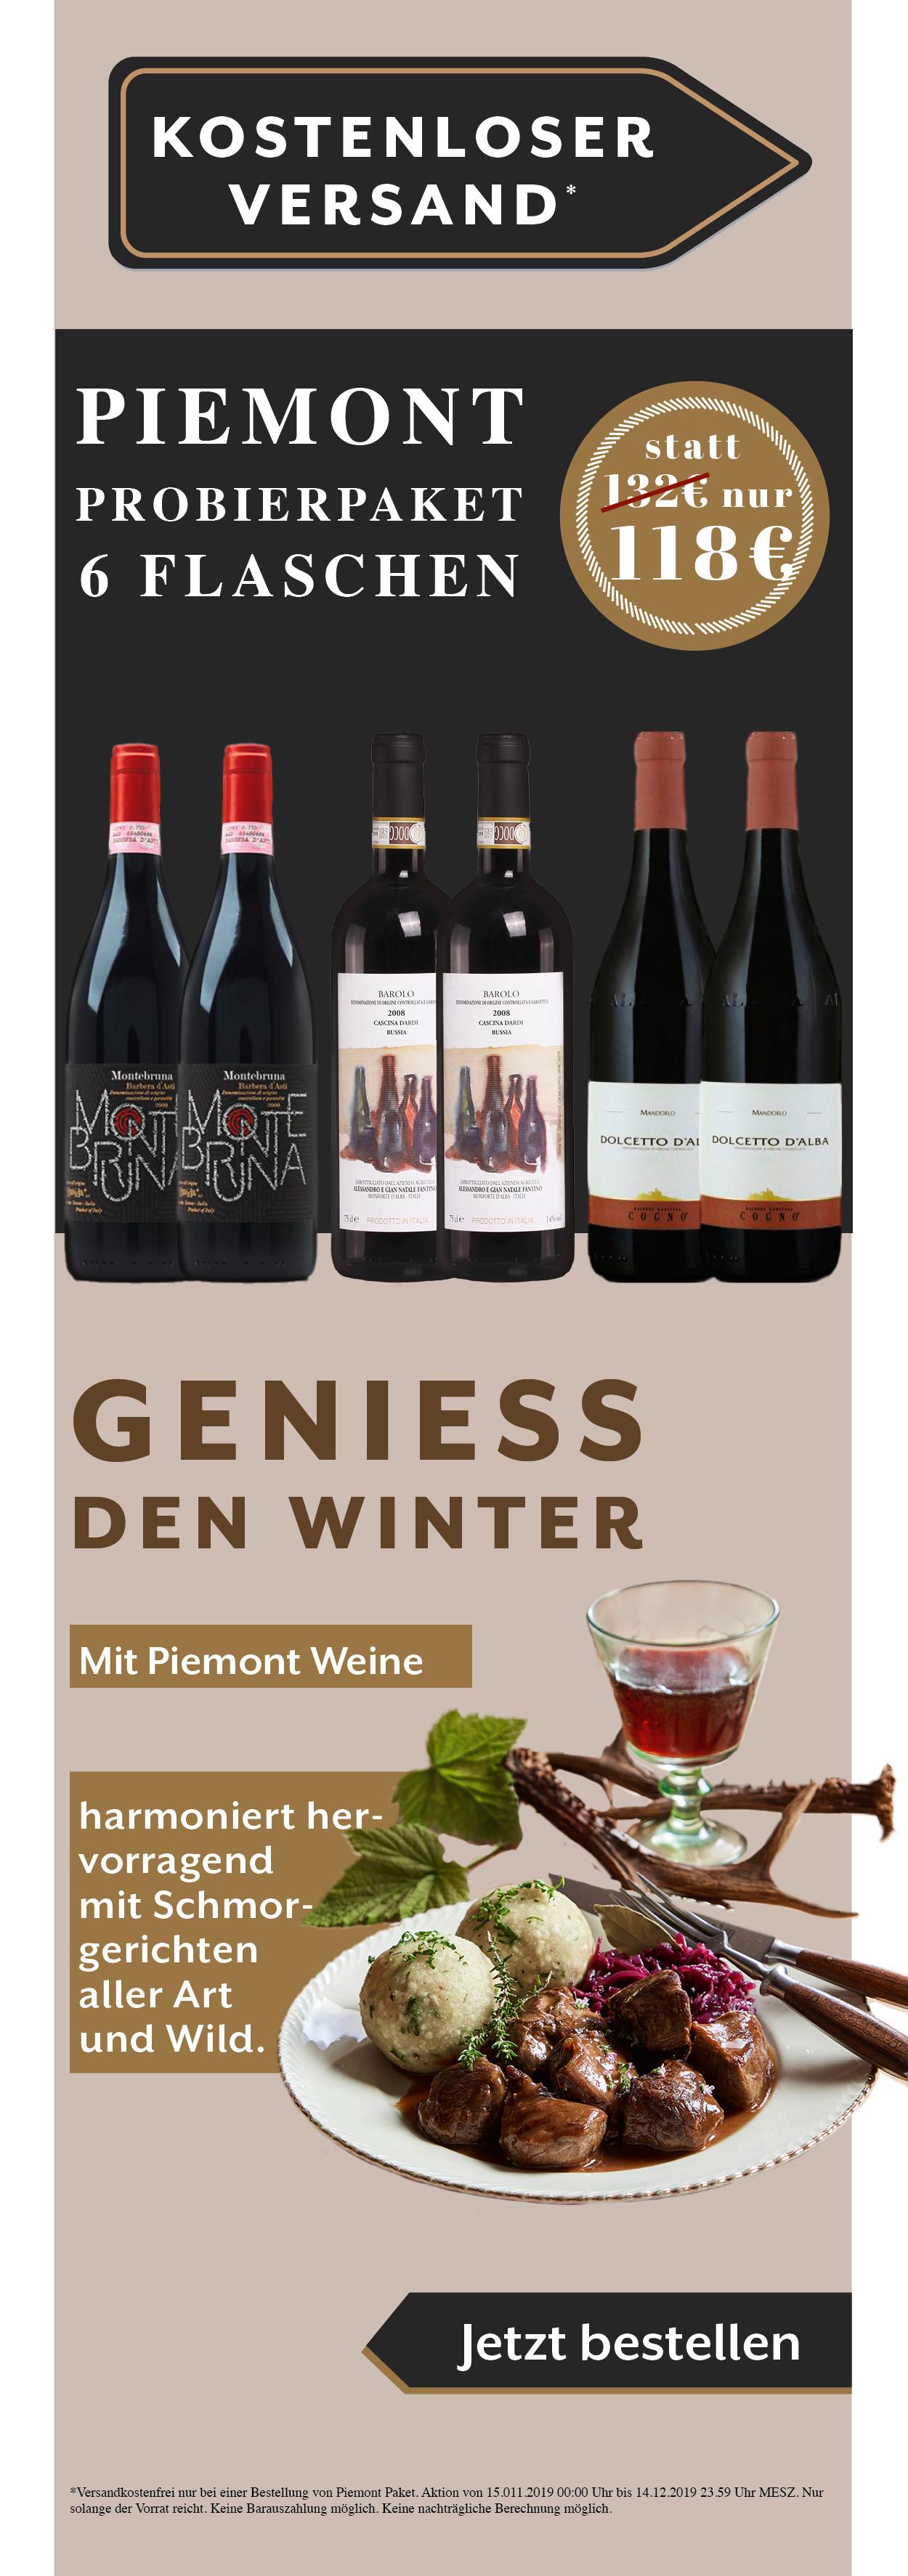 Piemont Weine Probierpaket